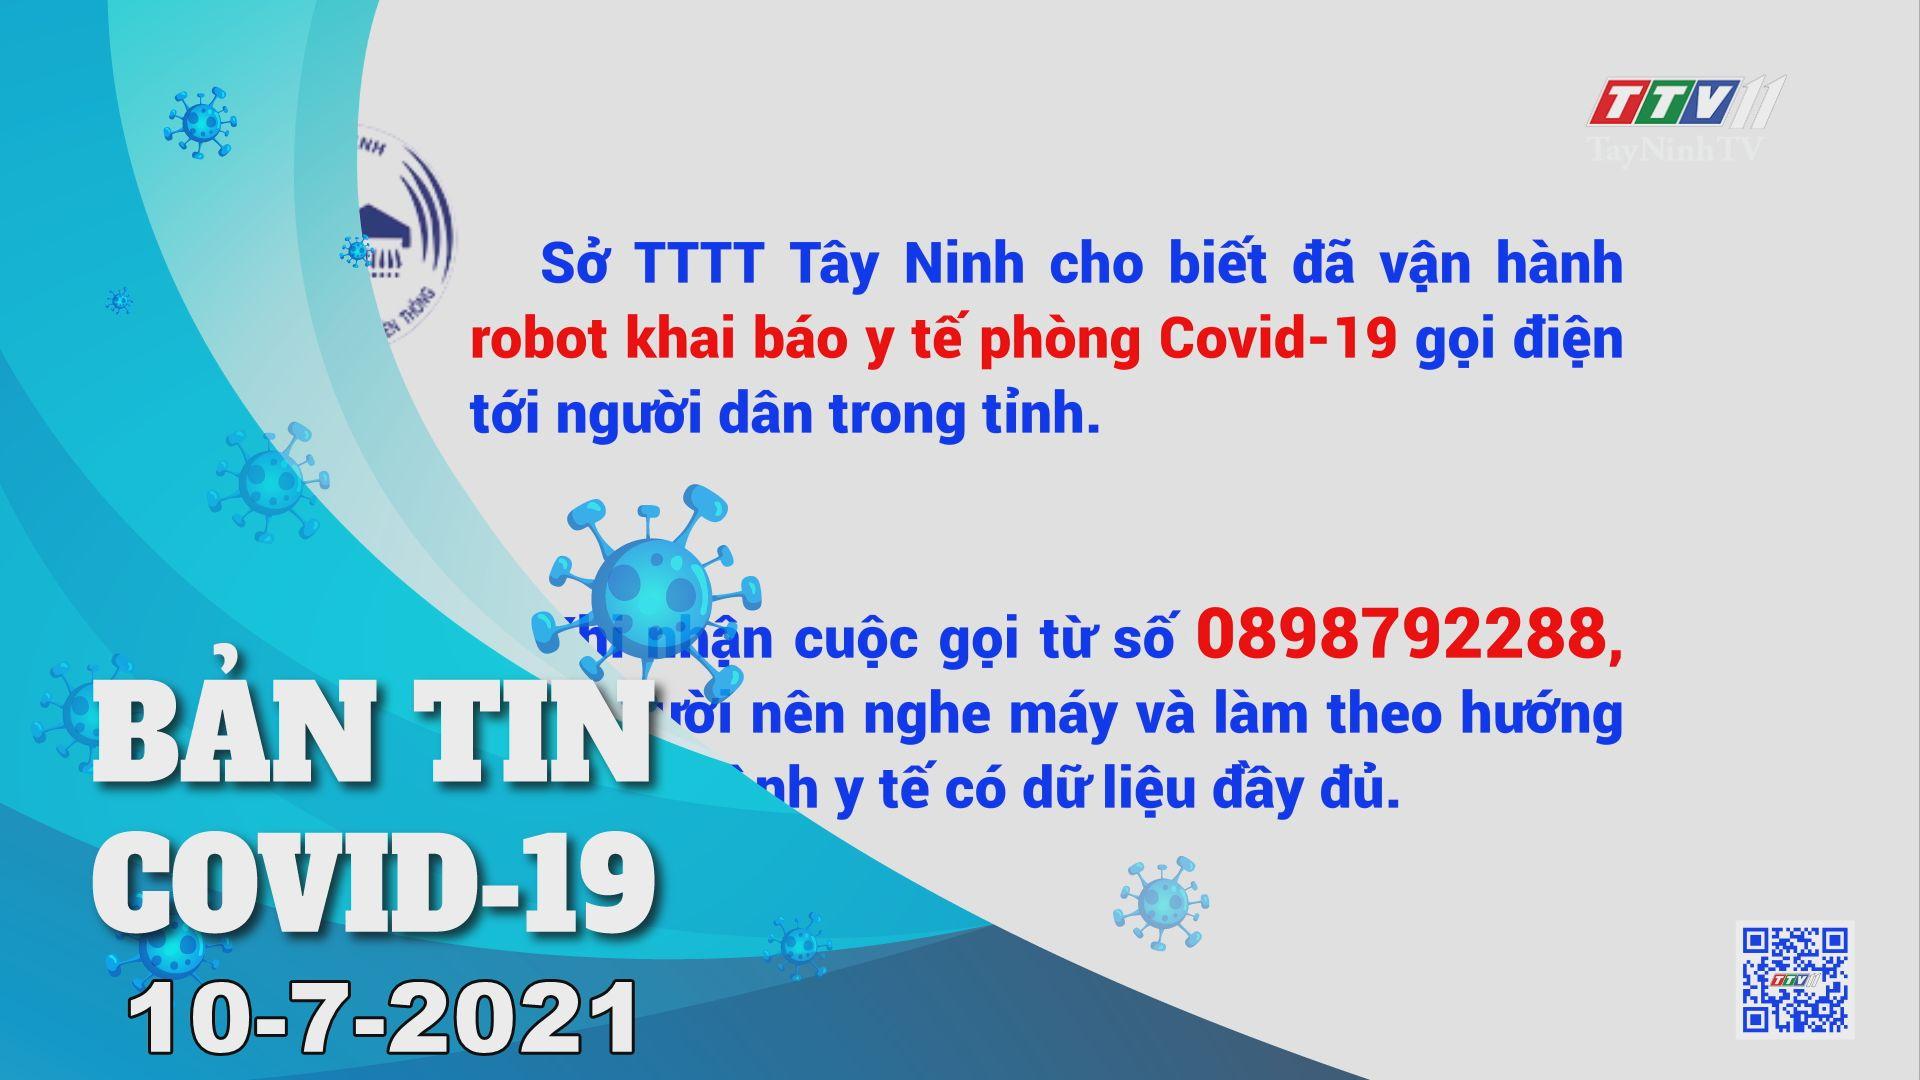 Bản tin Covid-19   Tin tức hôm nay 10-7-2021   TâyNinhTV